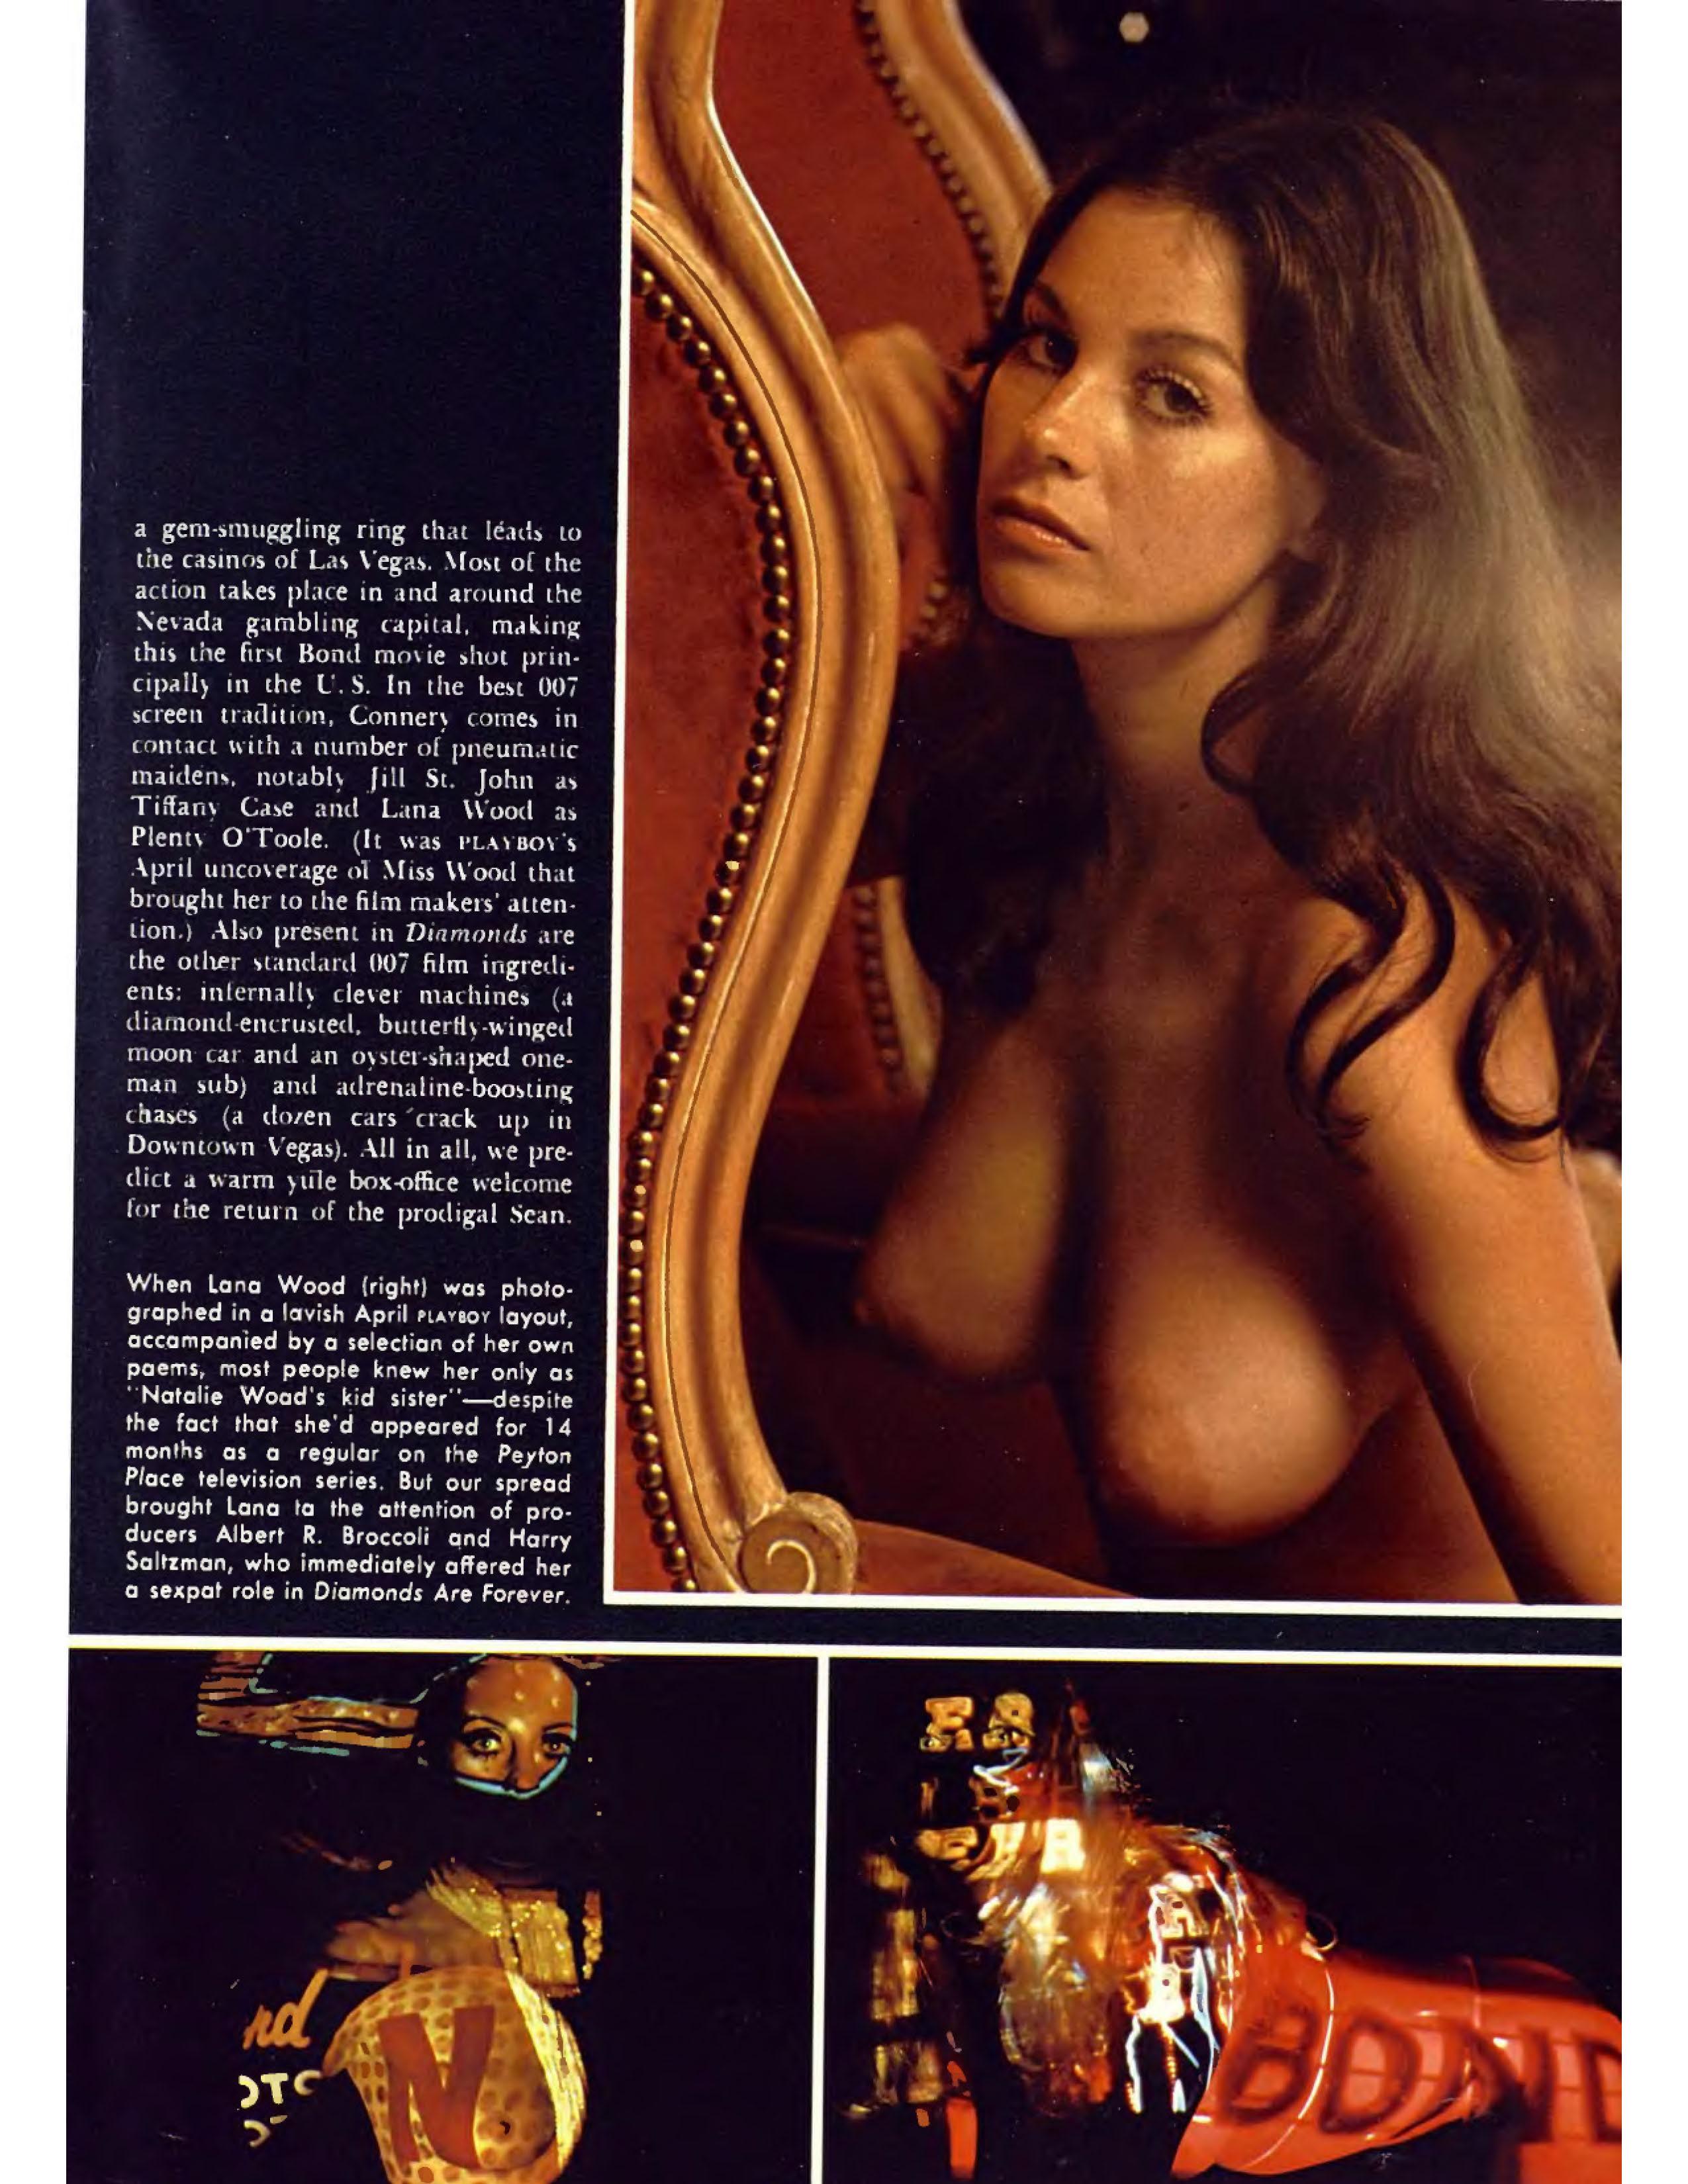 Lana Wood nude 007 sex kitten